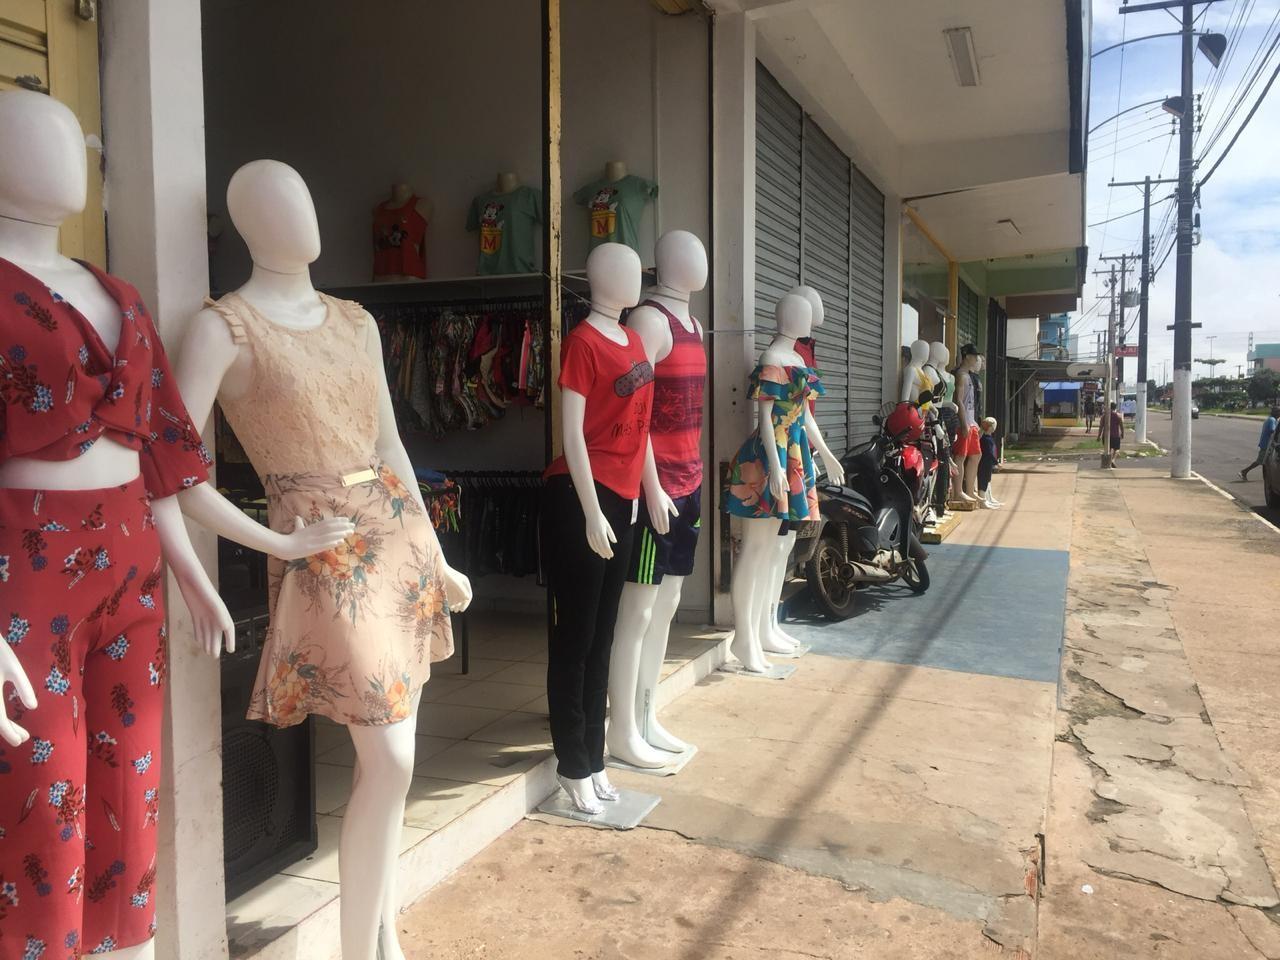 Comerciantes falam em 'onda de furtos' após invasões em lojas no bairro Congós, em Macapá